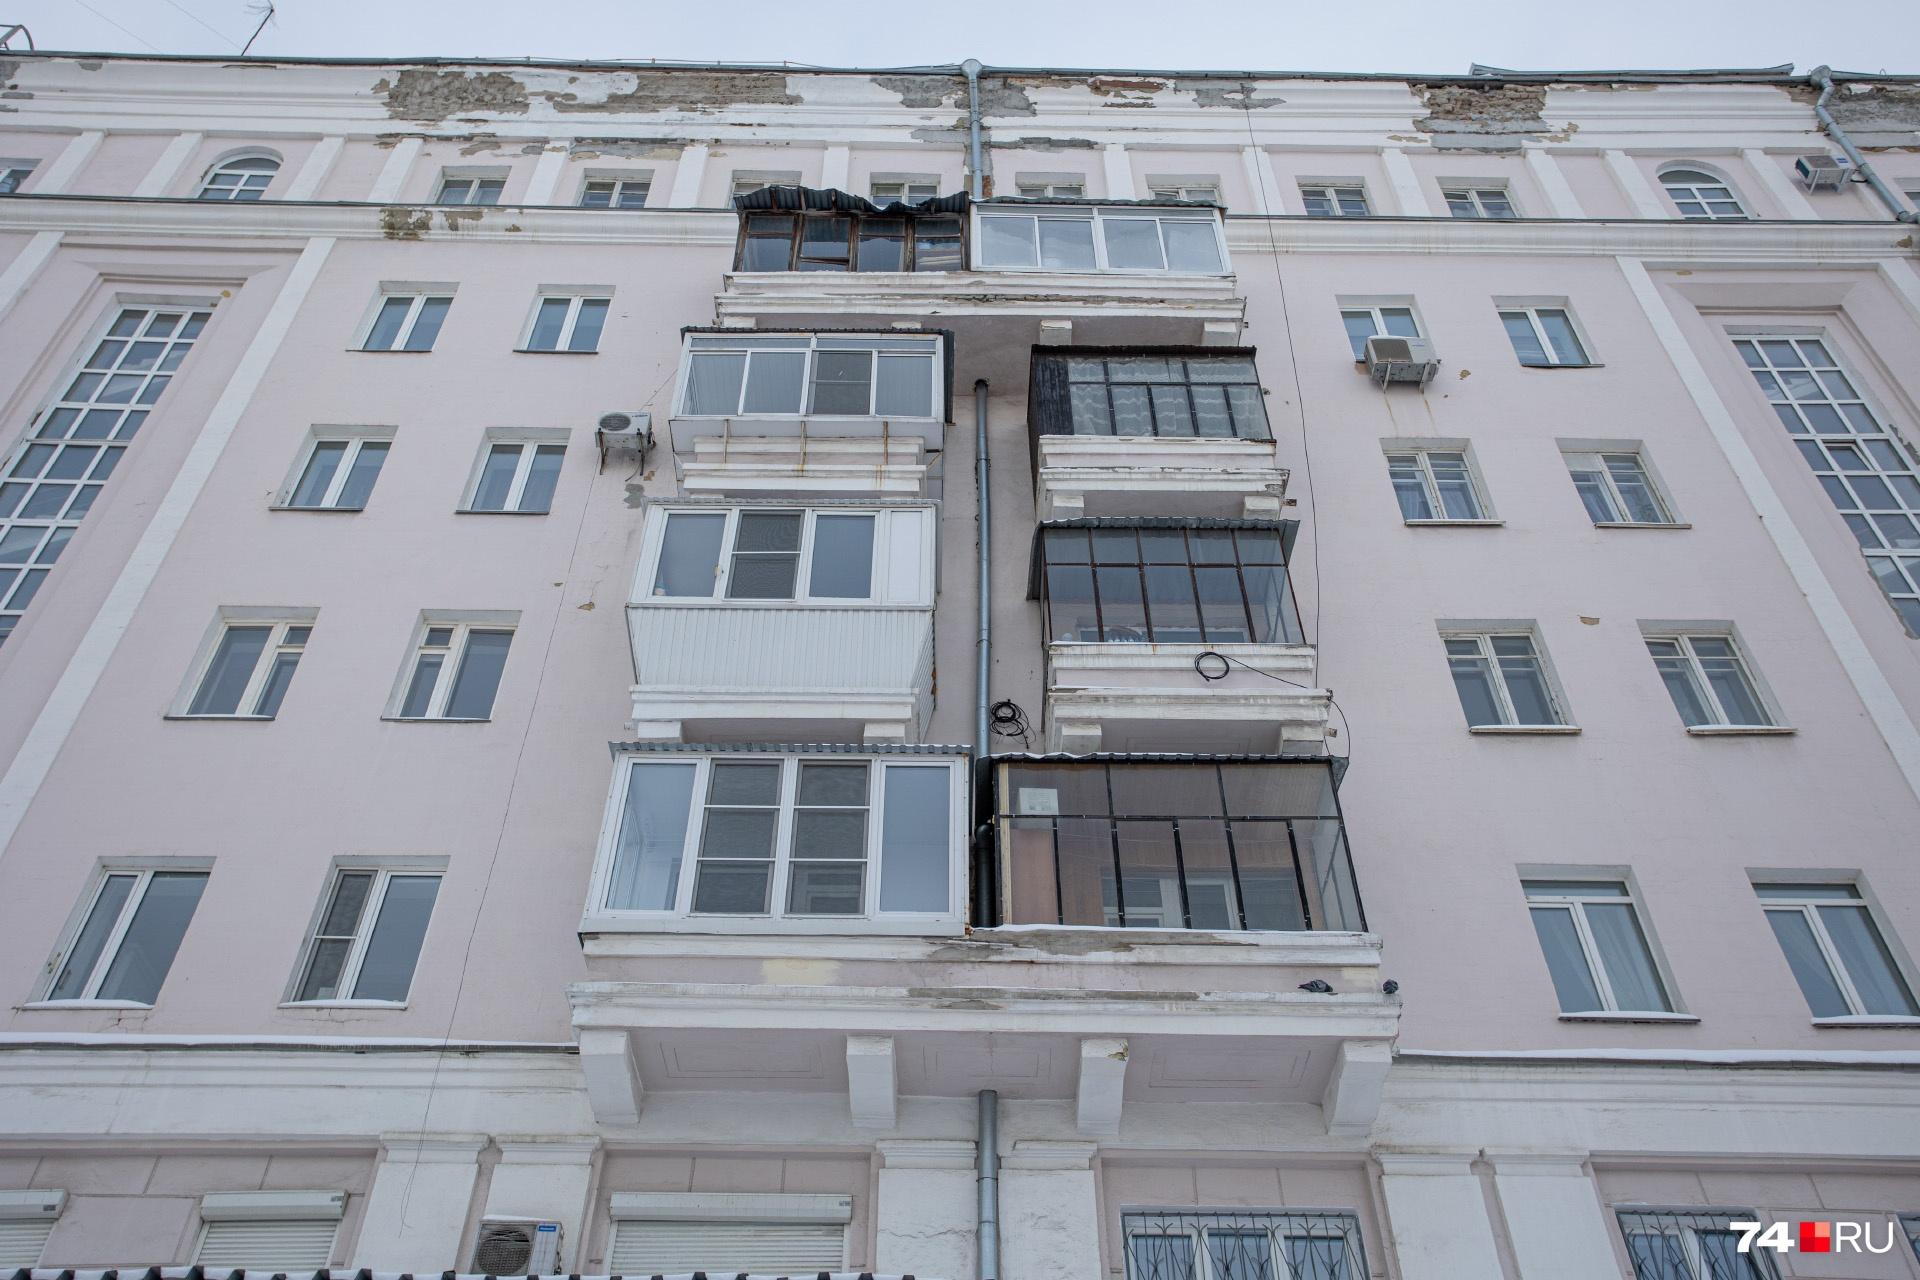 Труба вплотную прилегает к балкону, и, чтобы ее отремонтировать, придется убрать остекление